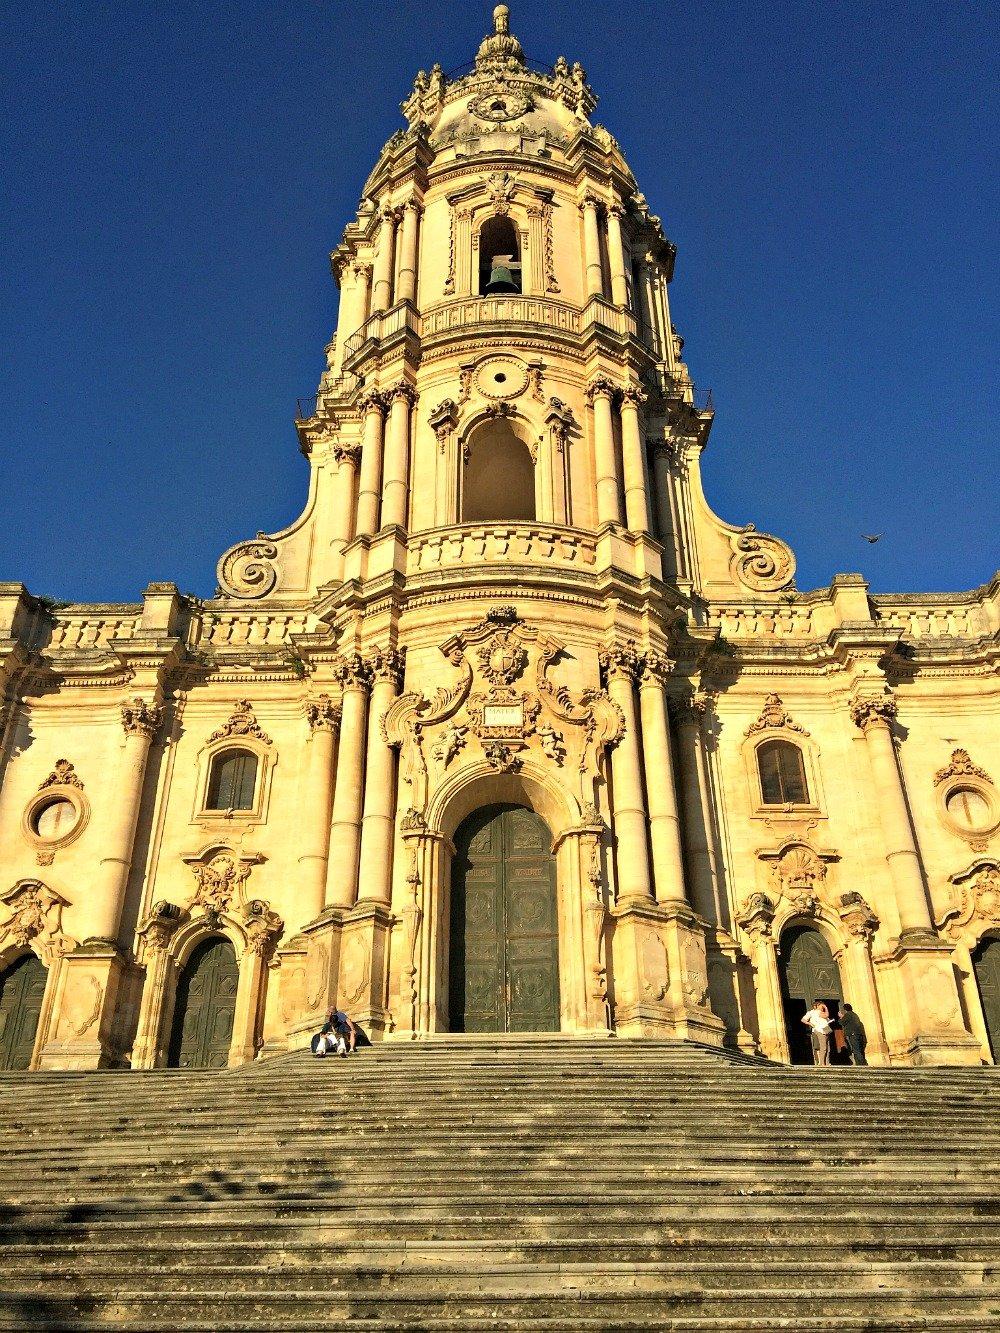 Southern Sicily San Giorgio Church Exterior Modica